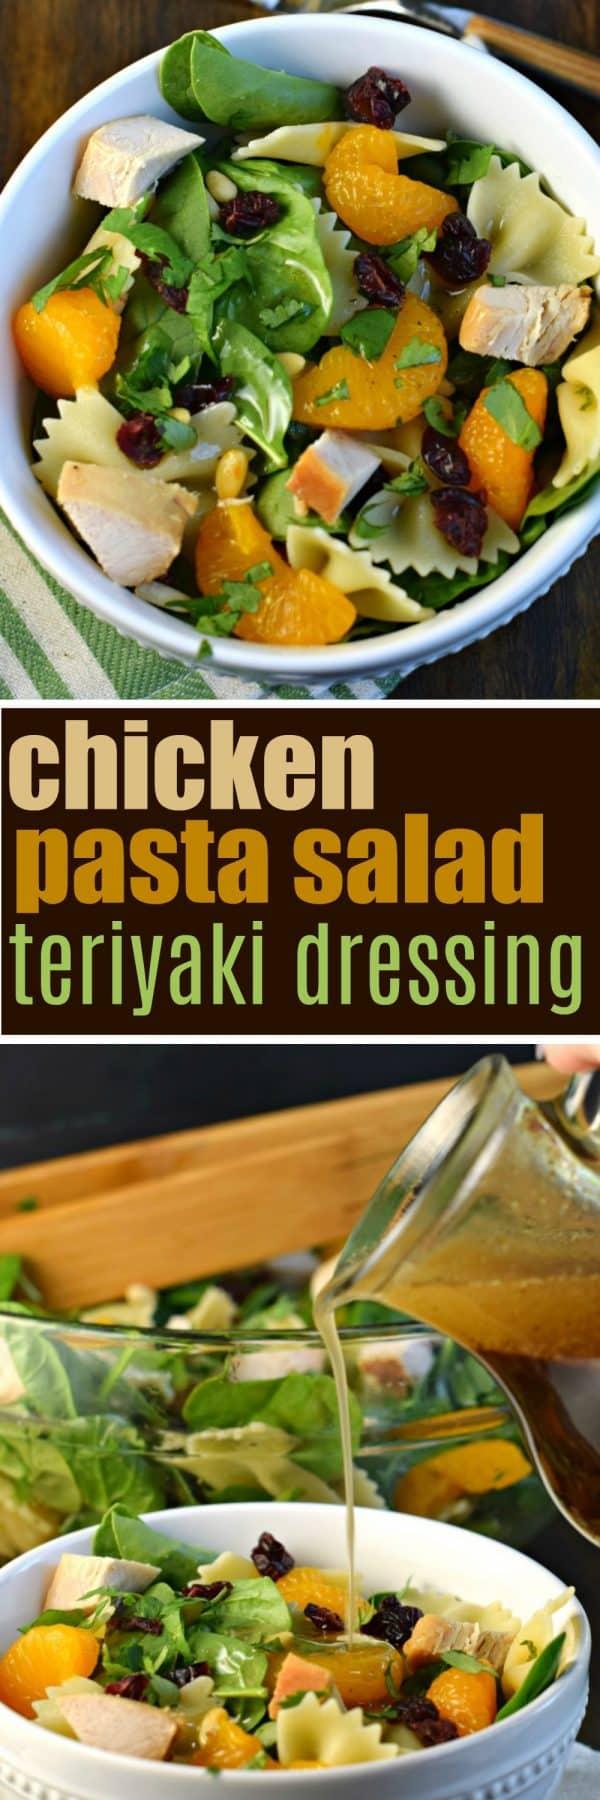 Chicken Pasta Salad with Teriyaki Vinaigrette Dressing #easydinner #30minutemeals